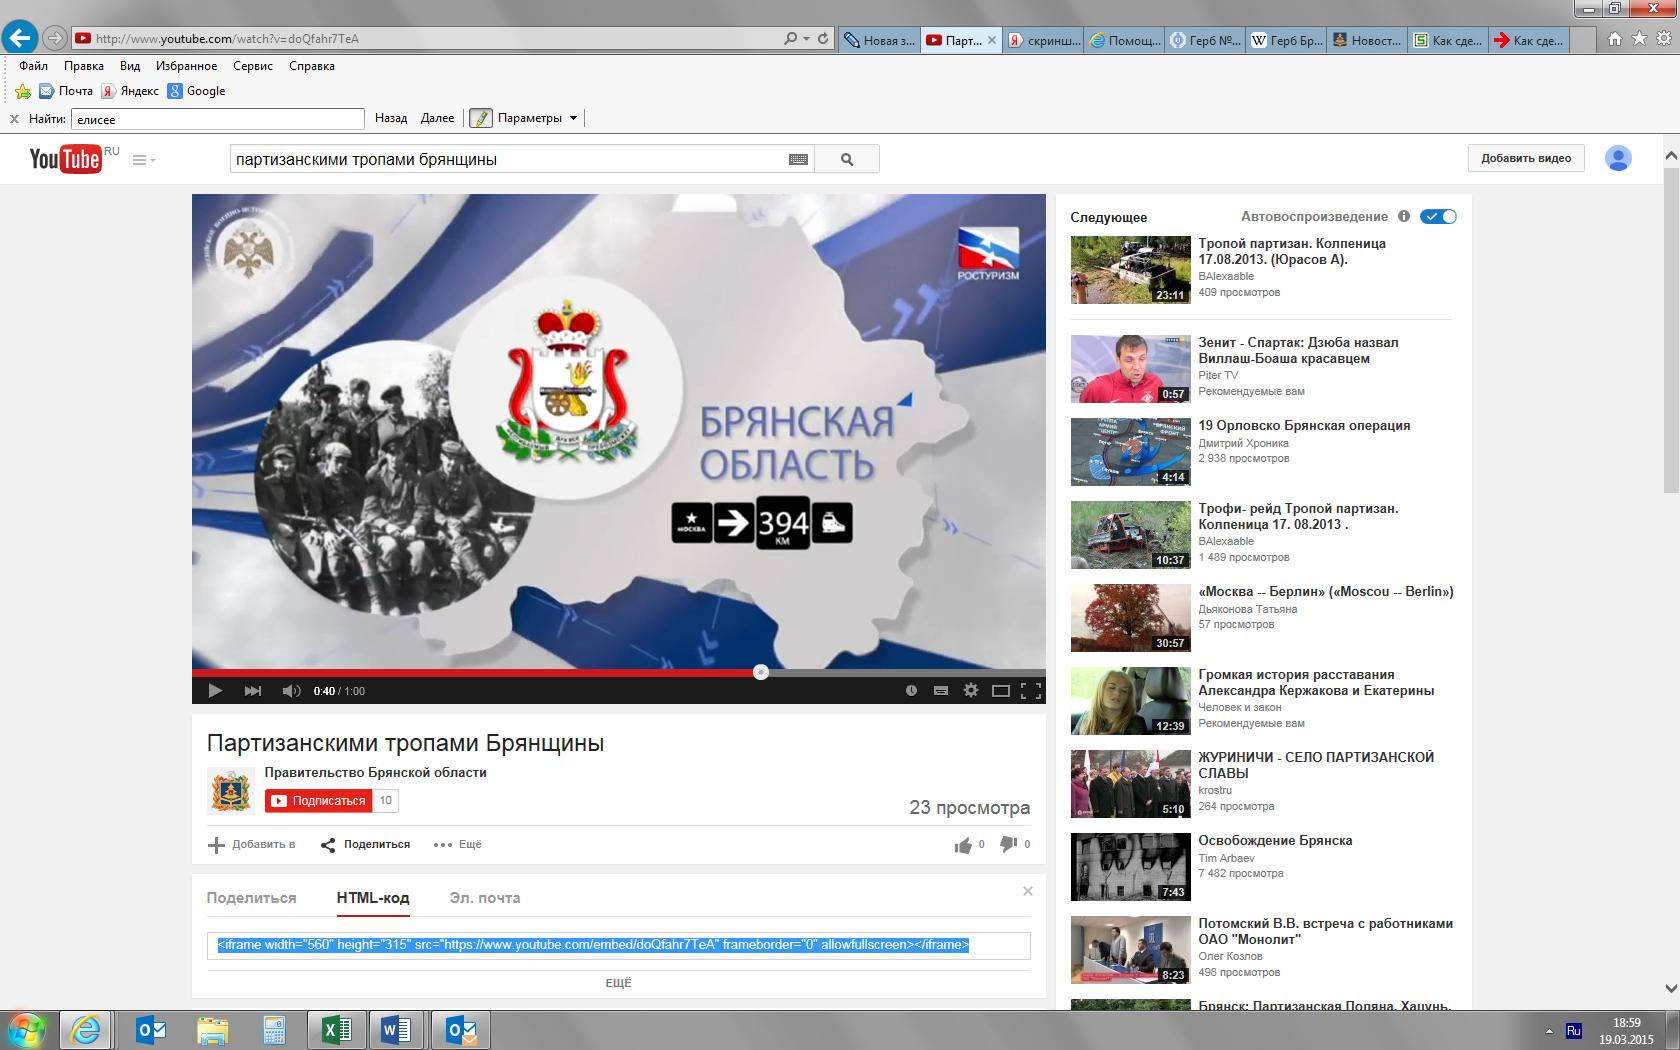 Скриншот партизанскими тропами